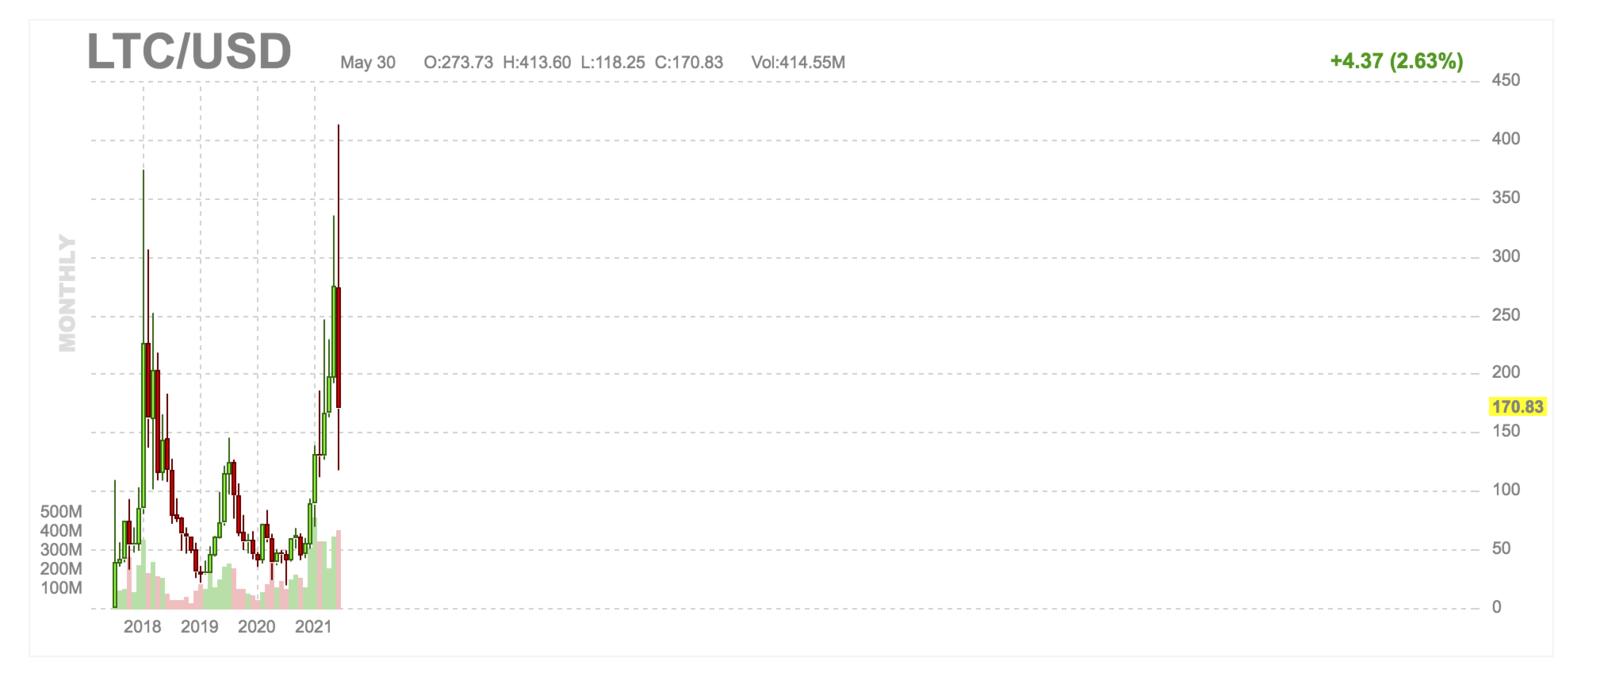 Screen Shot 2021-05-31 at 11.53.58 AM.png